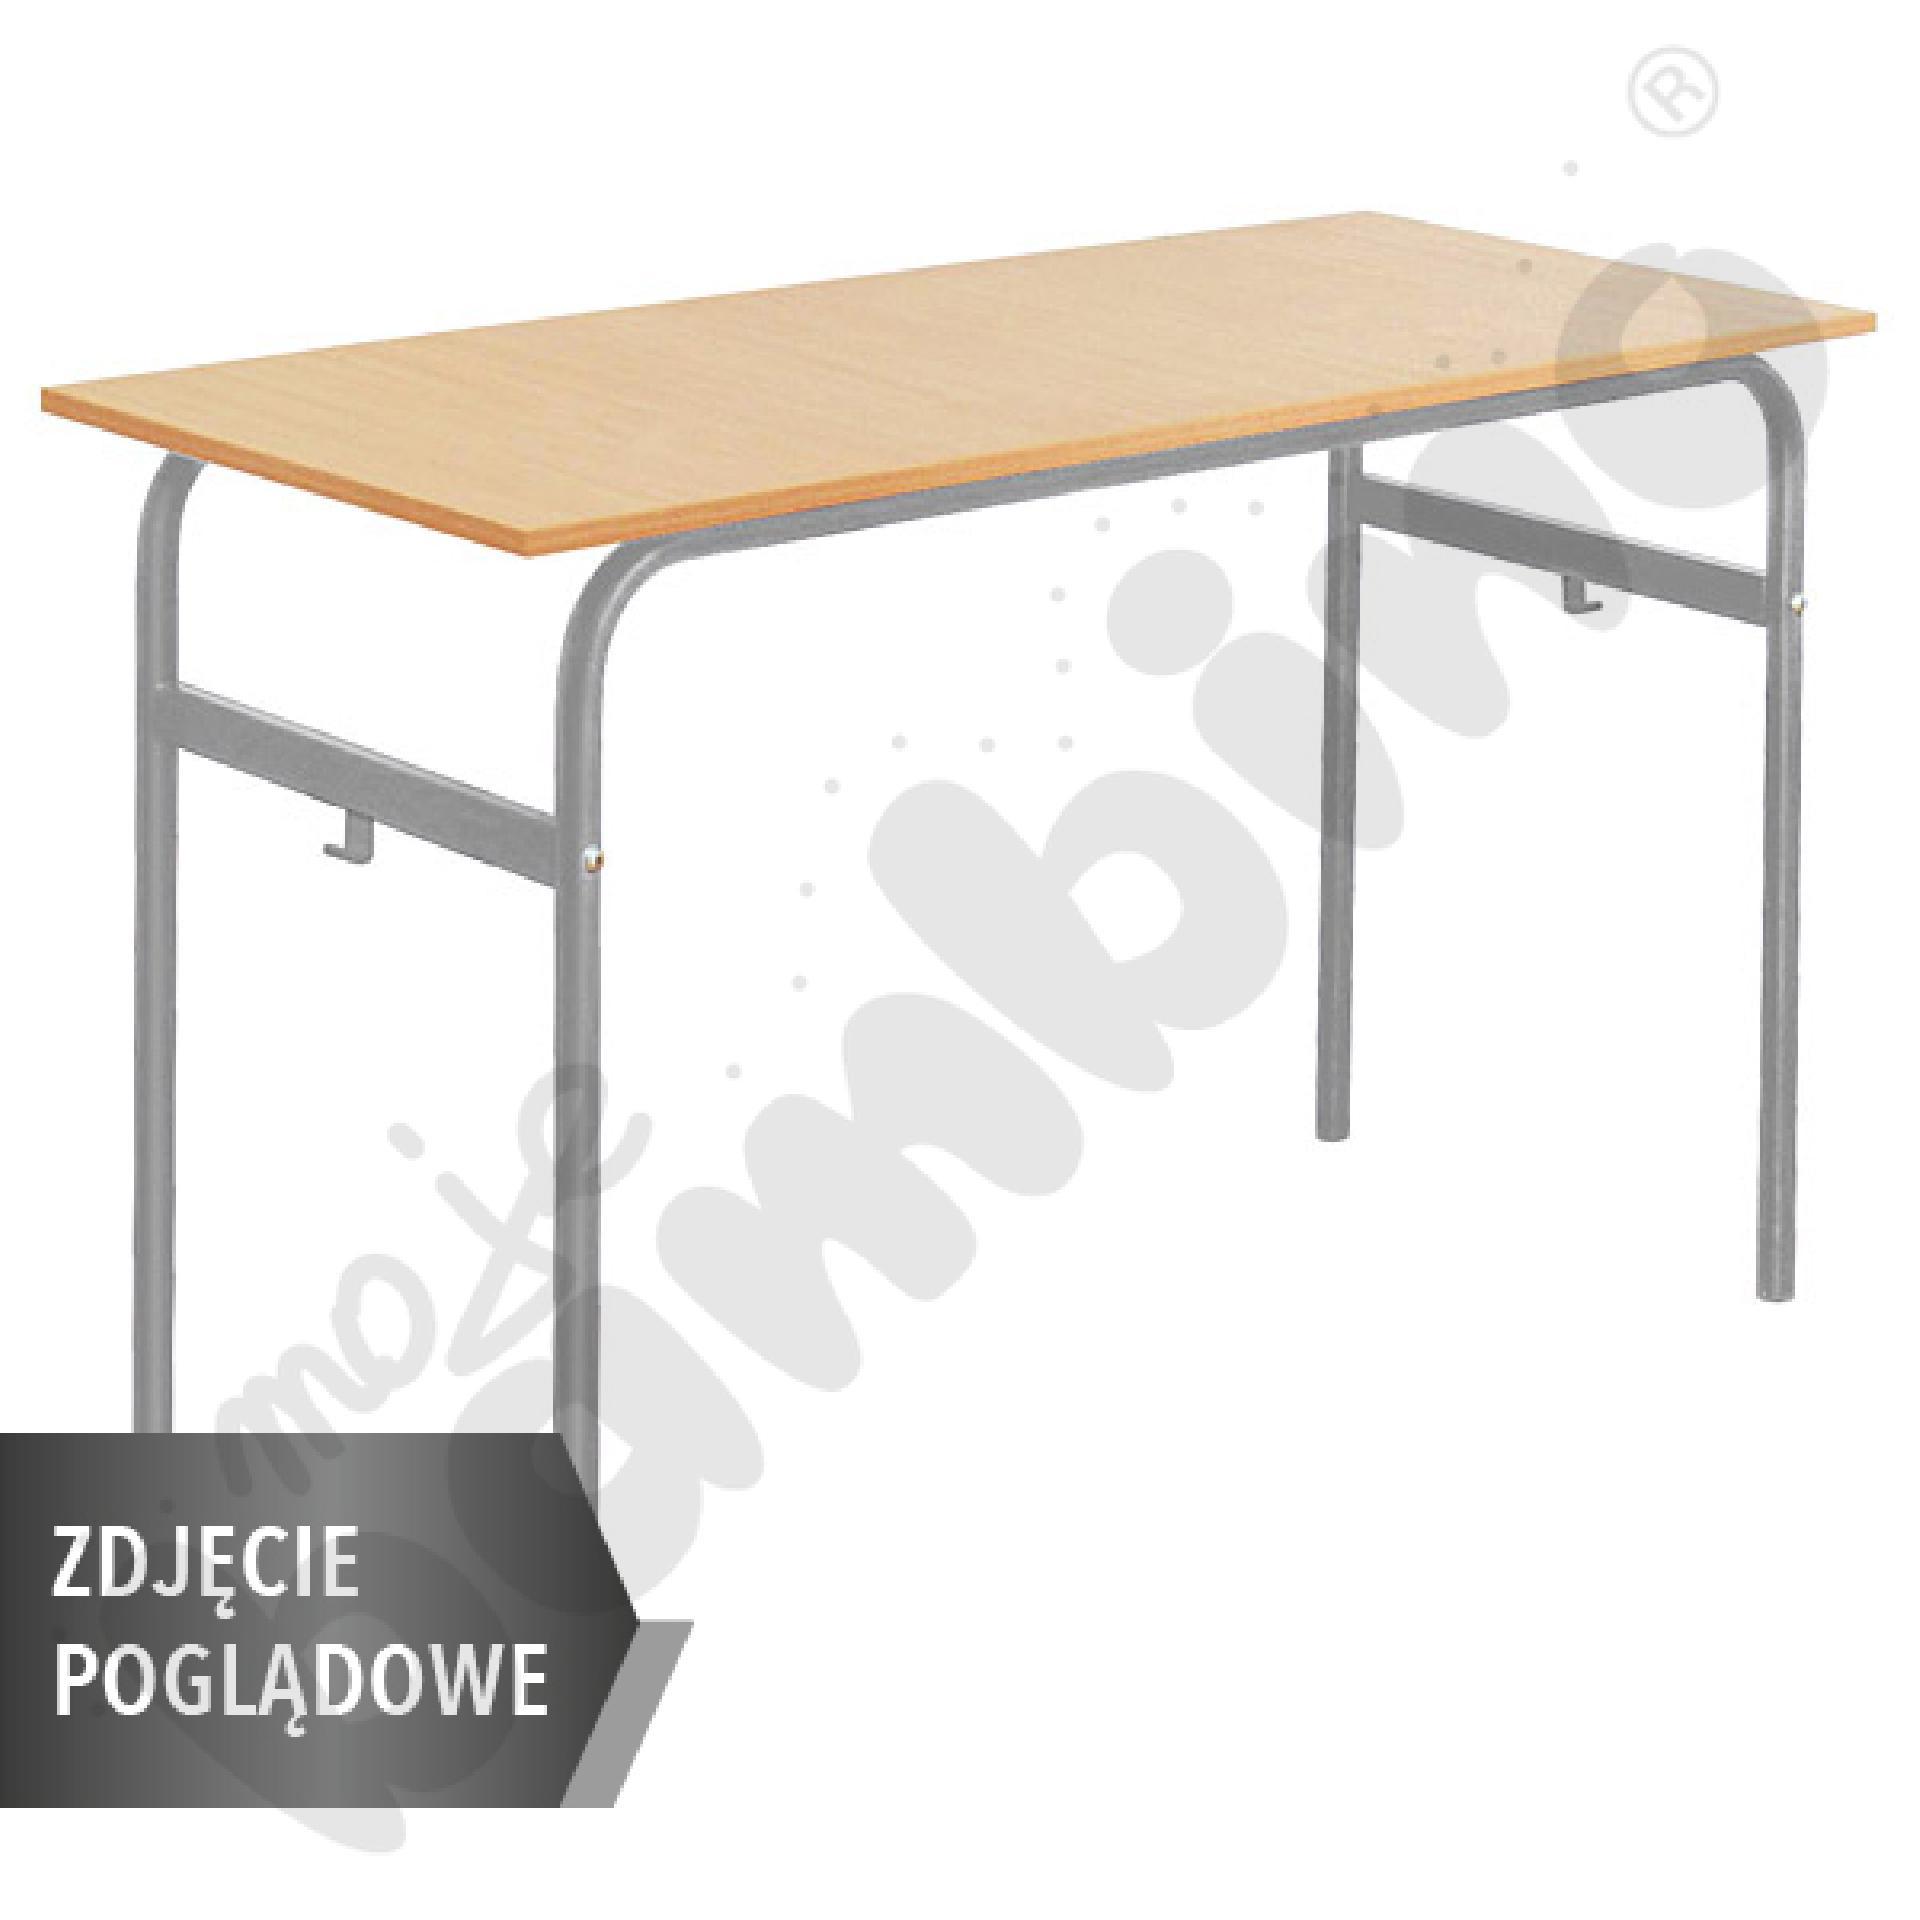 Stół Daniel 130x50 rozm. 4-6, 2os., stelaż czerwony, blat klon, obrzeże ABS, narożniki zaokrąglone